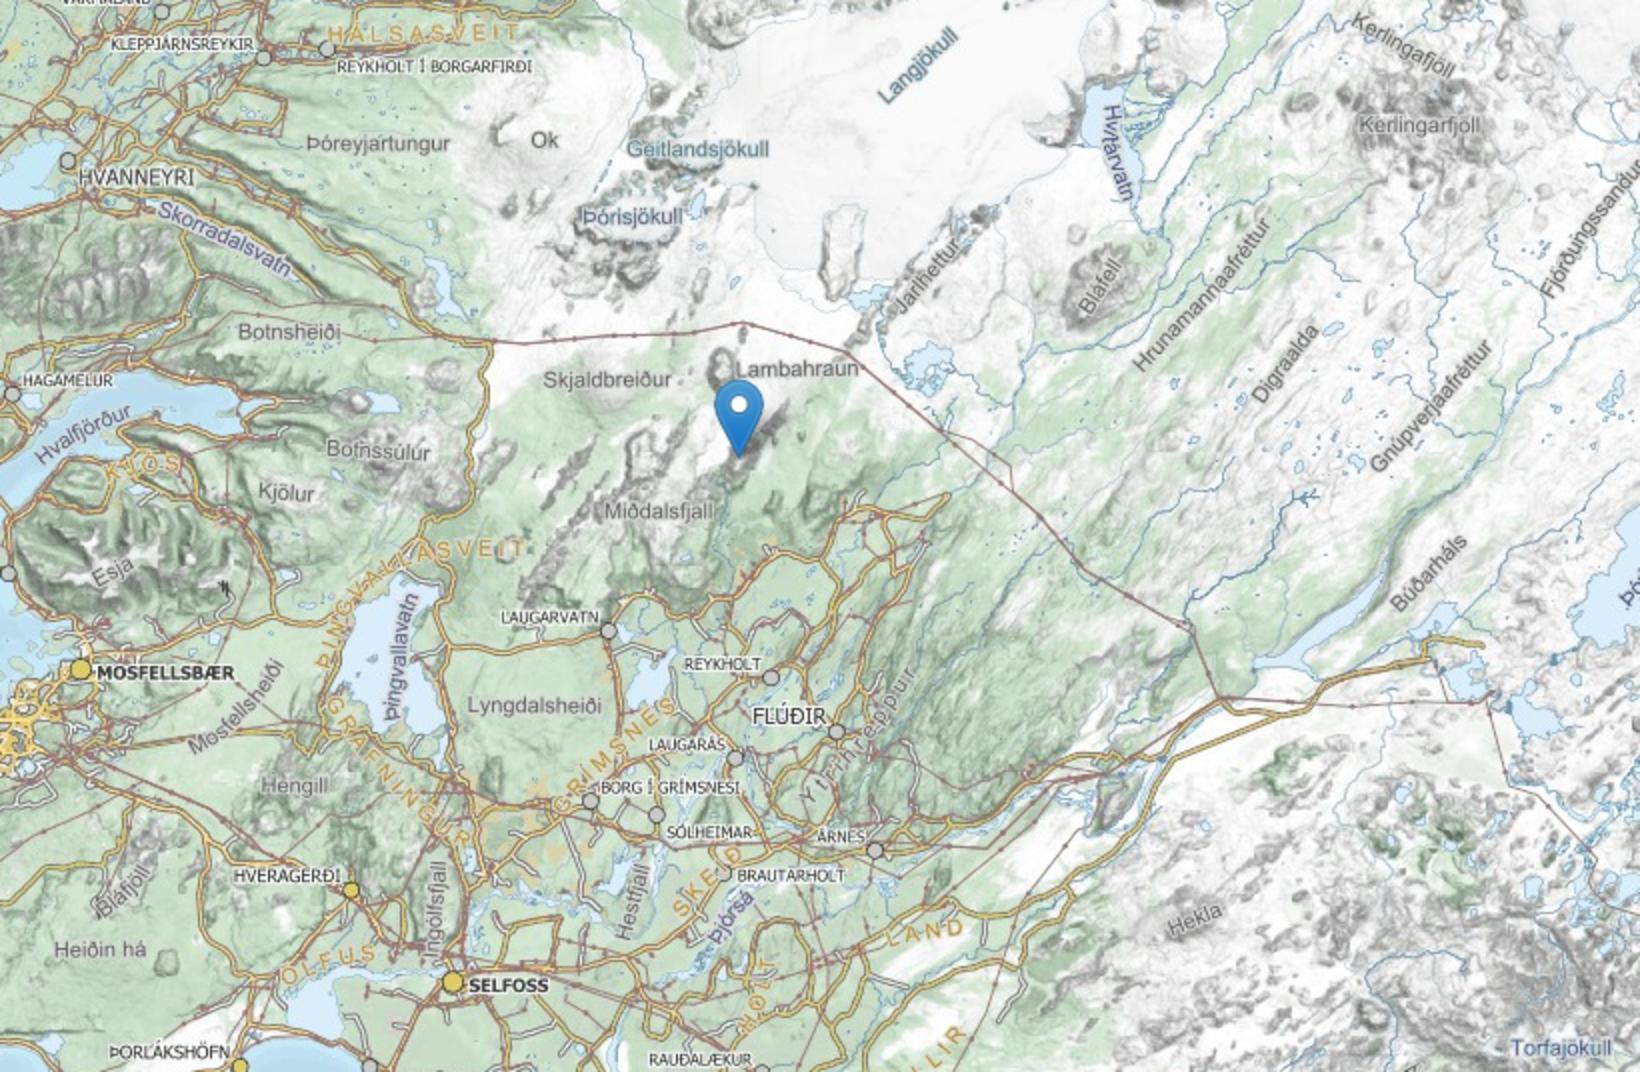 Höögnhöfði liggur sunnan við Langjökul